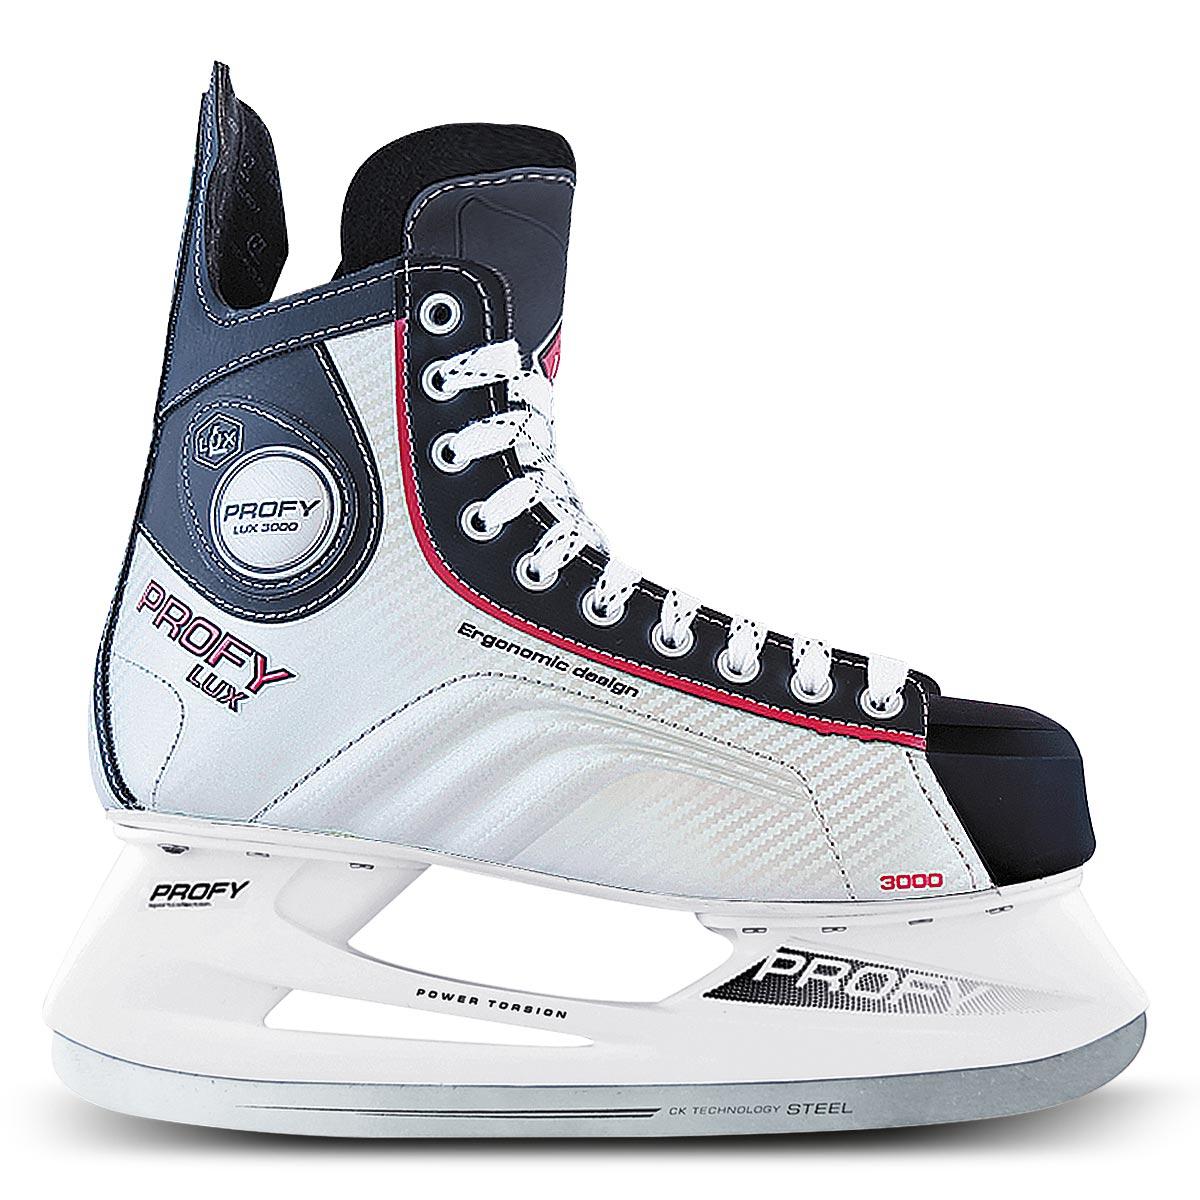 Коньки хоккейные мужские СК Profy Lux 3000, цвет: черный, серебряный, красный. Размер 45PROFY LUX 3000 Red_45Стильные коньки от CK Profy Lux 3000 Blue прекрасно подойдут для начинающих игроков в хоккей. Ботинок выполнен из морозоустойчивой искусственной кожи и ПВХ с высокой, плотной колодкой и усиленным задником, обеспечивающим боковую поддержку ноги. Мыс дополнен вставкой, которая защитит ноги от ударов. Внутренний слой и стелька изготовлены из мягкого трикотажа, который обеспечит тепло и комфорт во время катания, язычок - из войлока. Плотная шнуровка надежно фиксирует модель на ноге. Голеностоп имеет удобный суппорт. По бокам, на язычке и заднике коньки декорированы принтом и тиснением в виде логотипа бренда. Подошва - из твердого пластика. Стойка выполнена из ударопрочного поливинилхлорида. Лезвие из нержавеющей стали обеспечит превосходное скольжение. Оригинальные коньки придутся вам по душе.